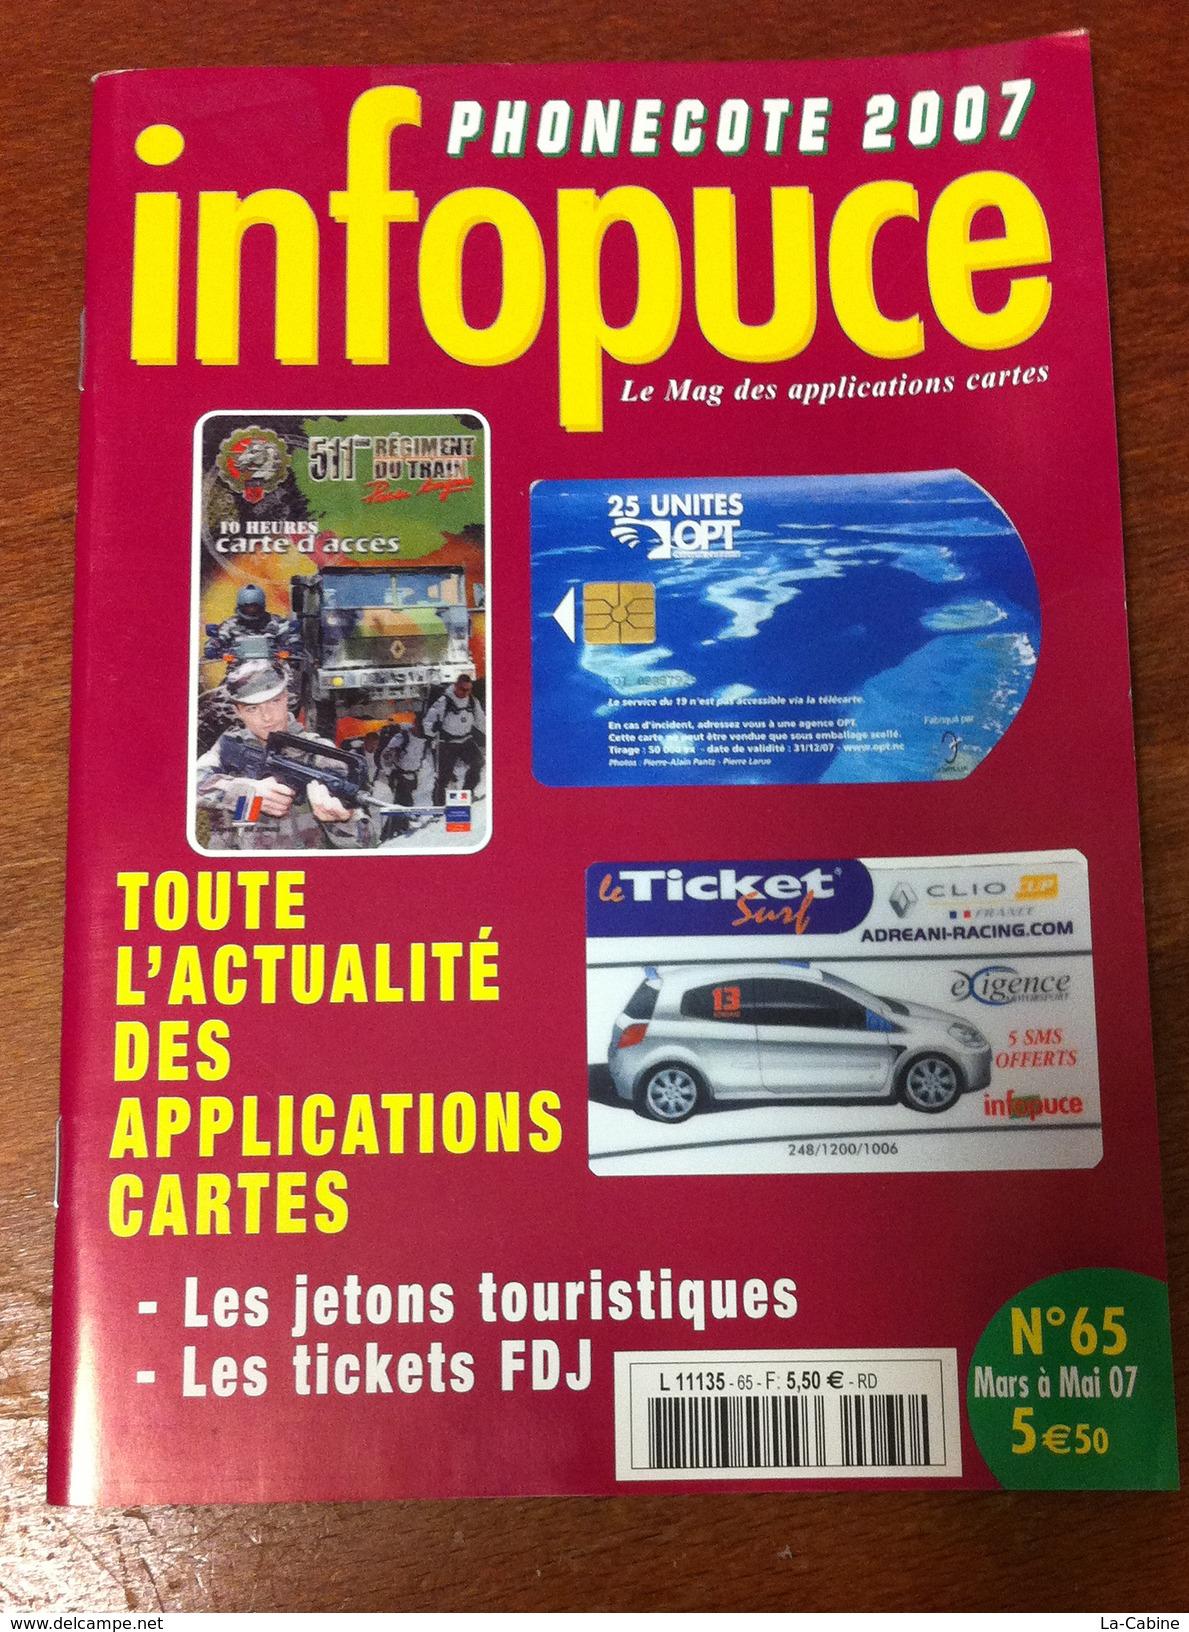 UNE REVUE INFOPUCE TOUT'M N°65 DE 2007 SUR LES TÉLÉCARTE FRANCE MONDE MÉDAILLES TOURISTIQUE TICKET SURF - Télécartes